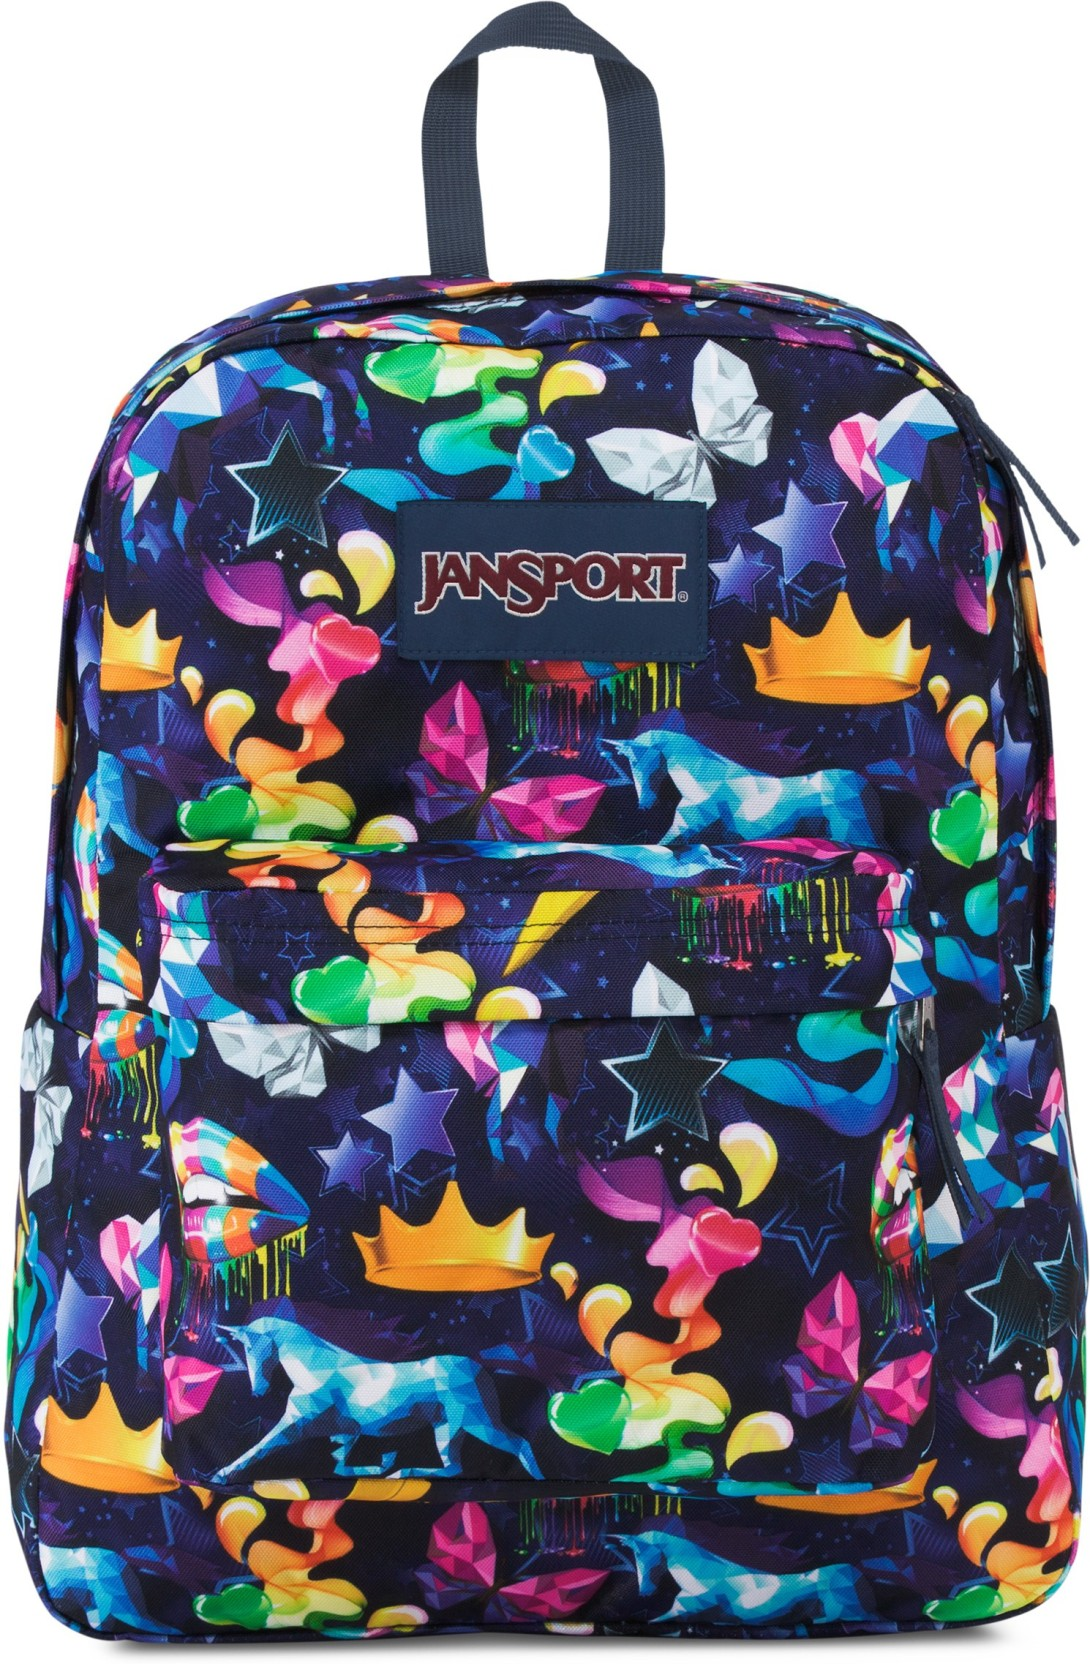 1d1ed9bd2 Jansport Pink Glitter Backpack | Building Materials Bargain Center